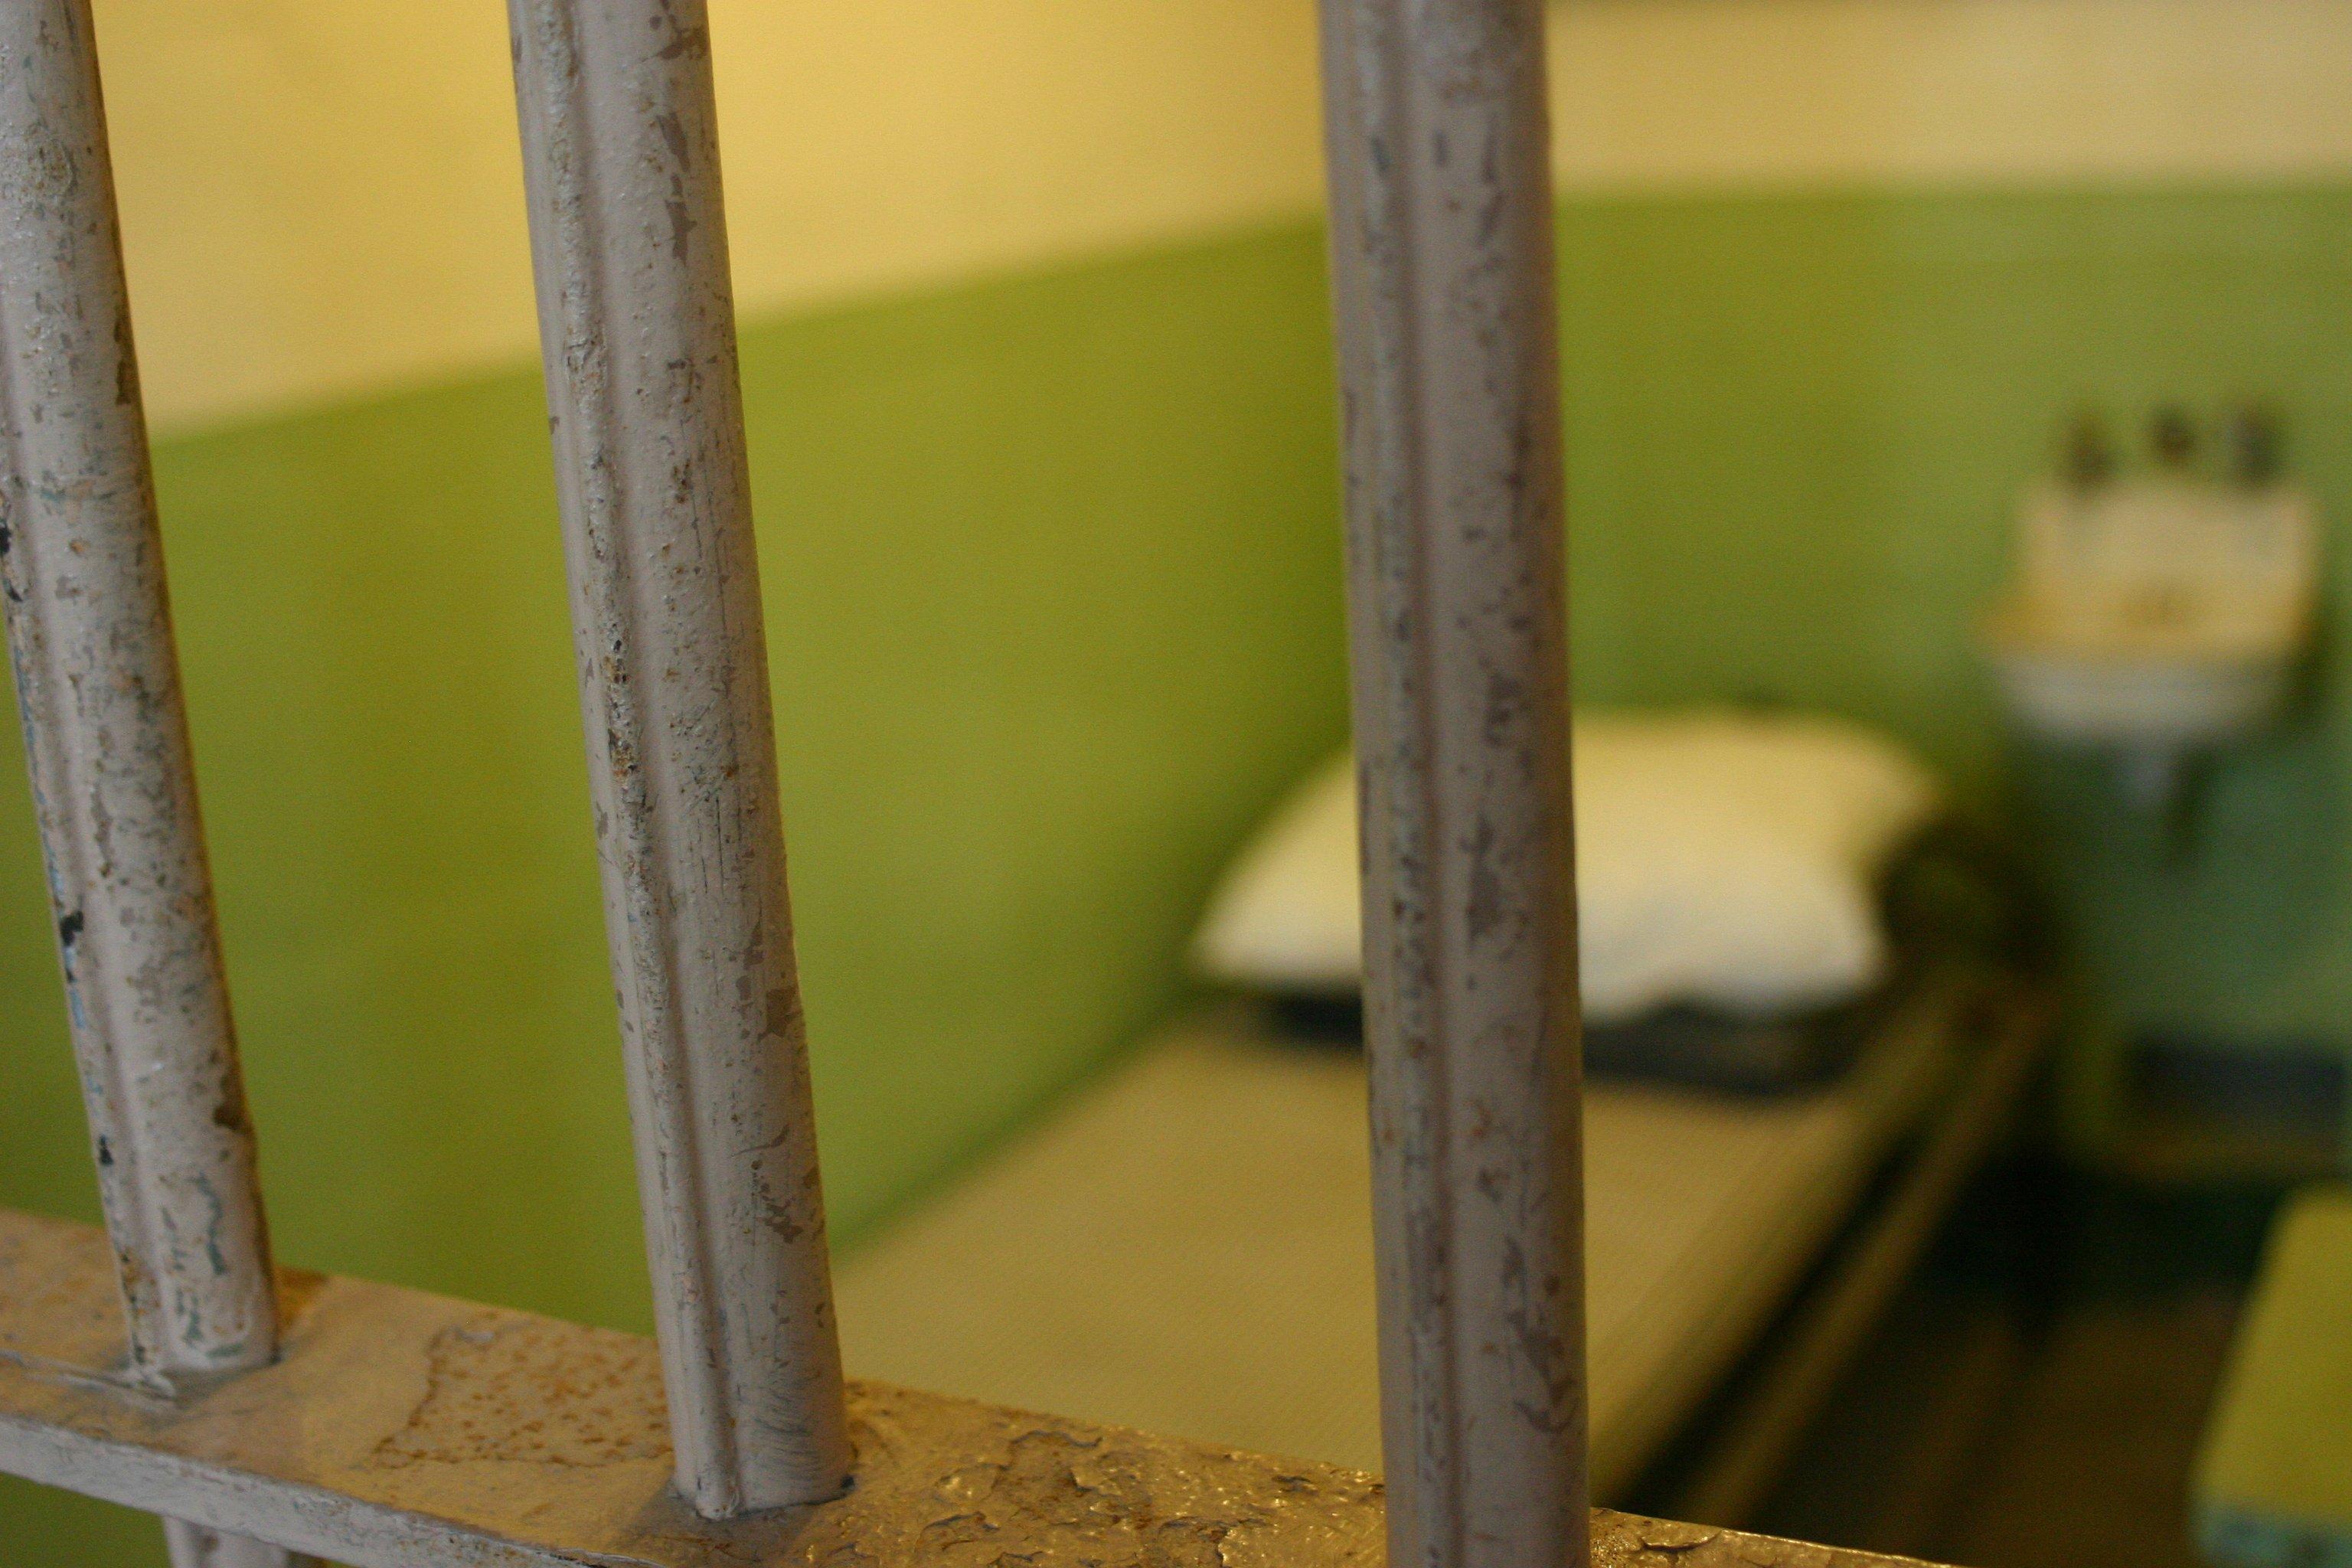 Inside jail cell||||